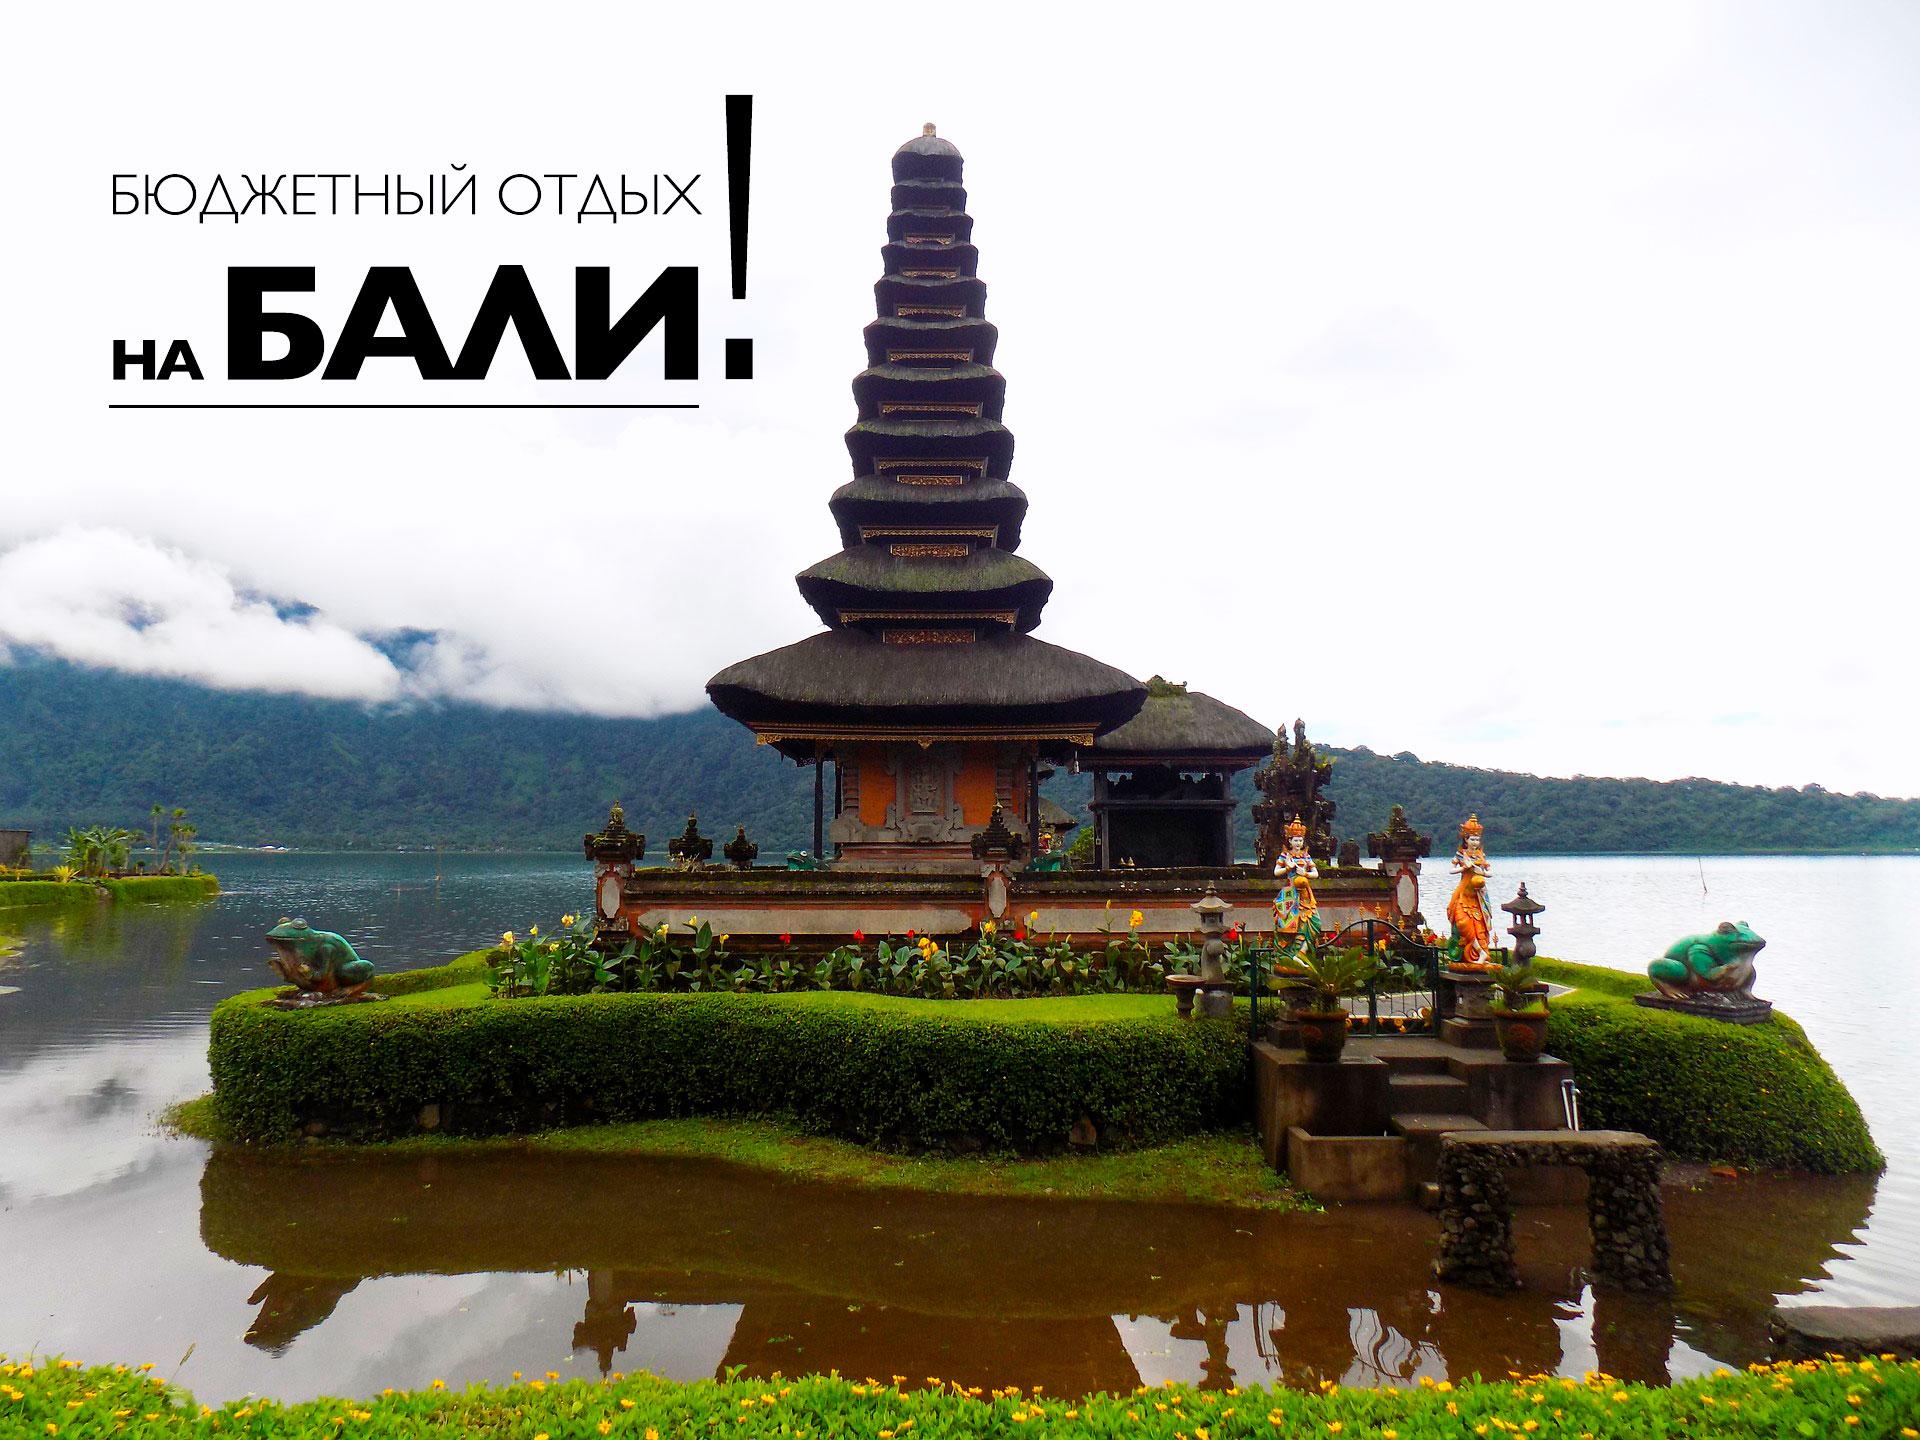 Бюджетный отдых на Бали